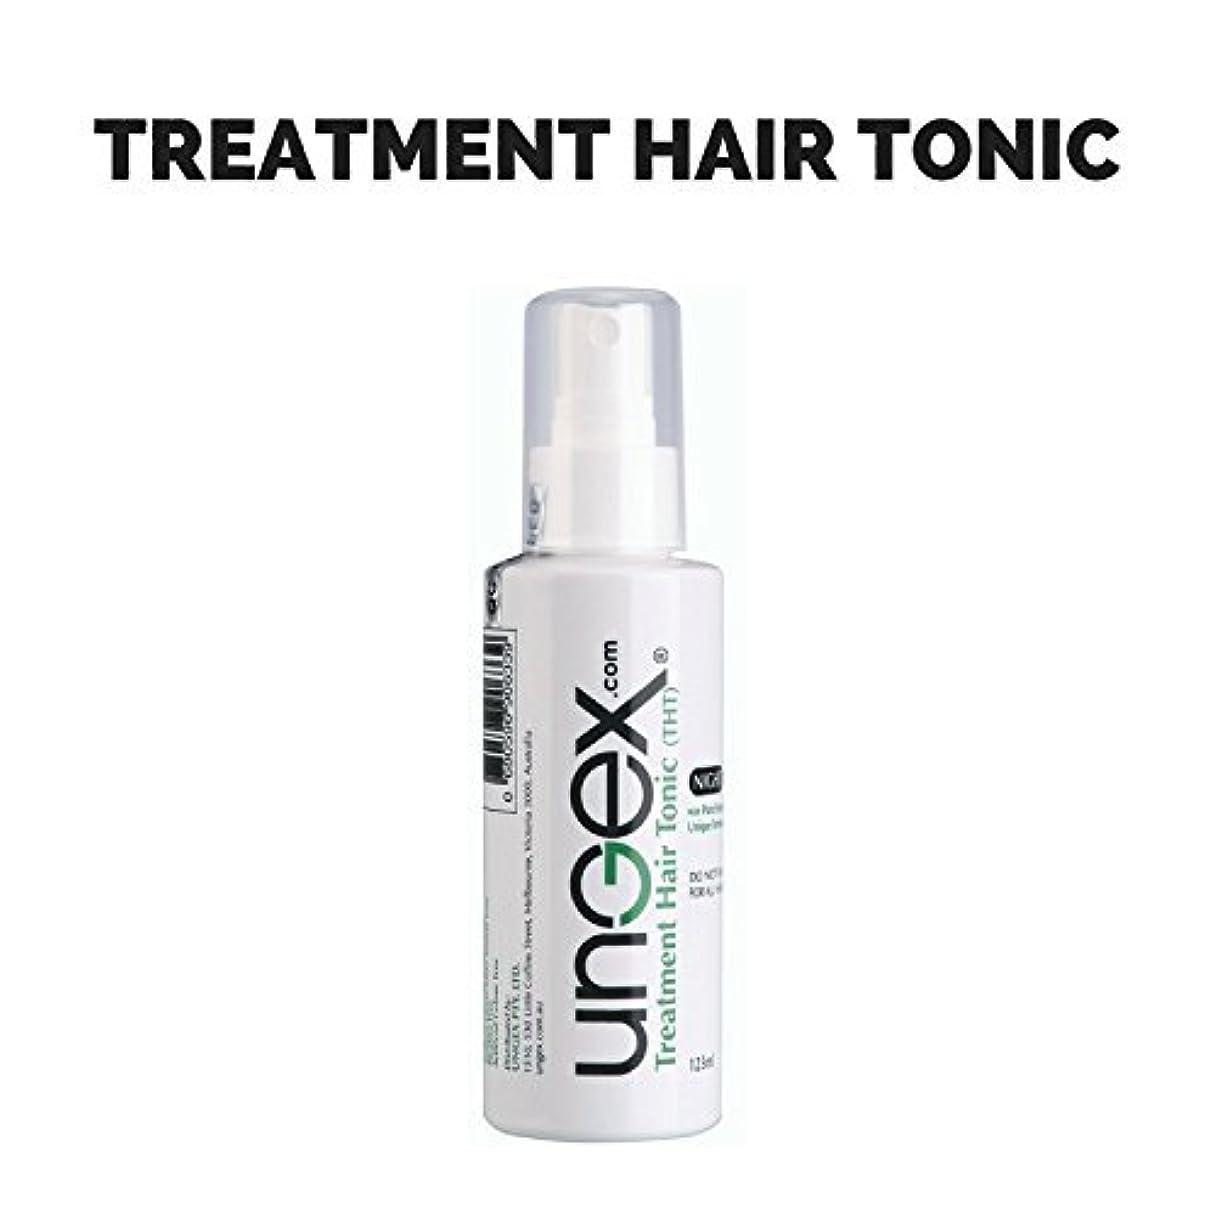 語アブセイアスレチックTreatment Hair Tonic - Protect Scalp and Soothe Itching from Demodex Mites